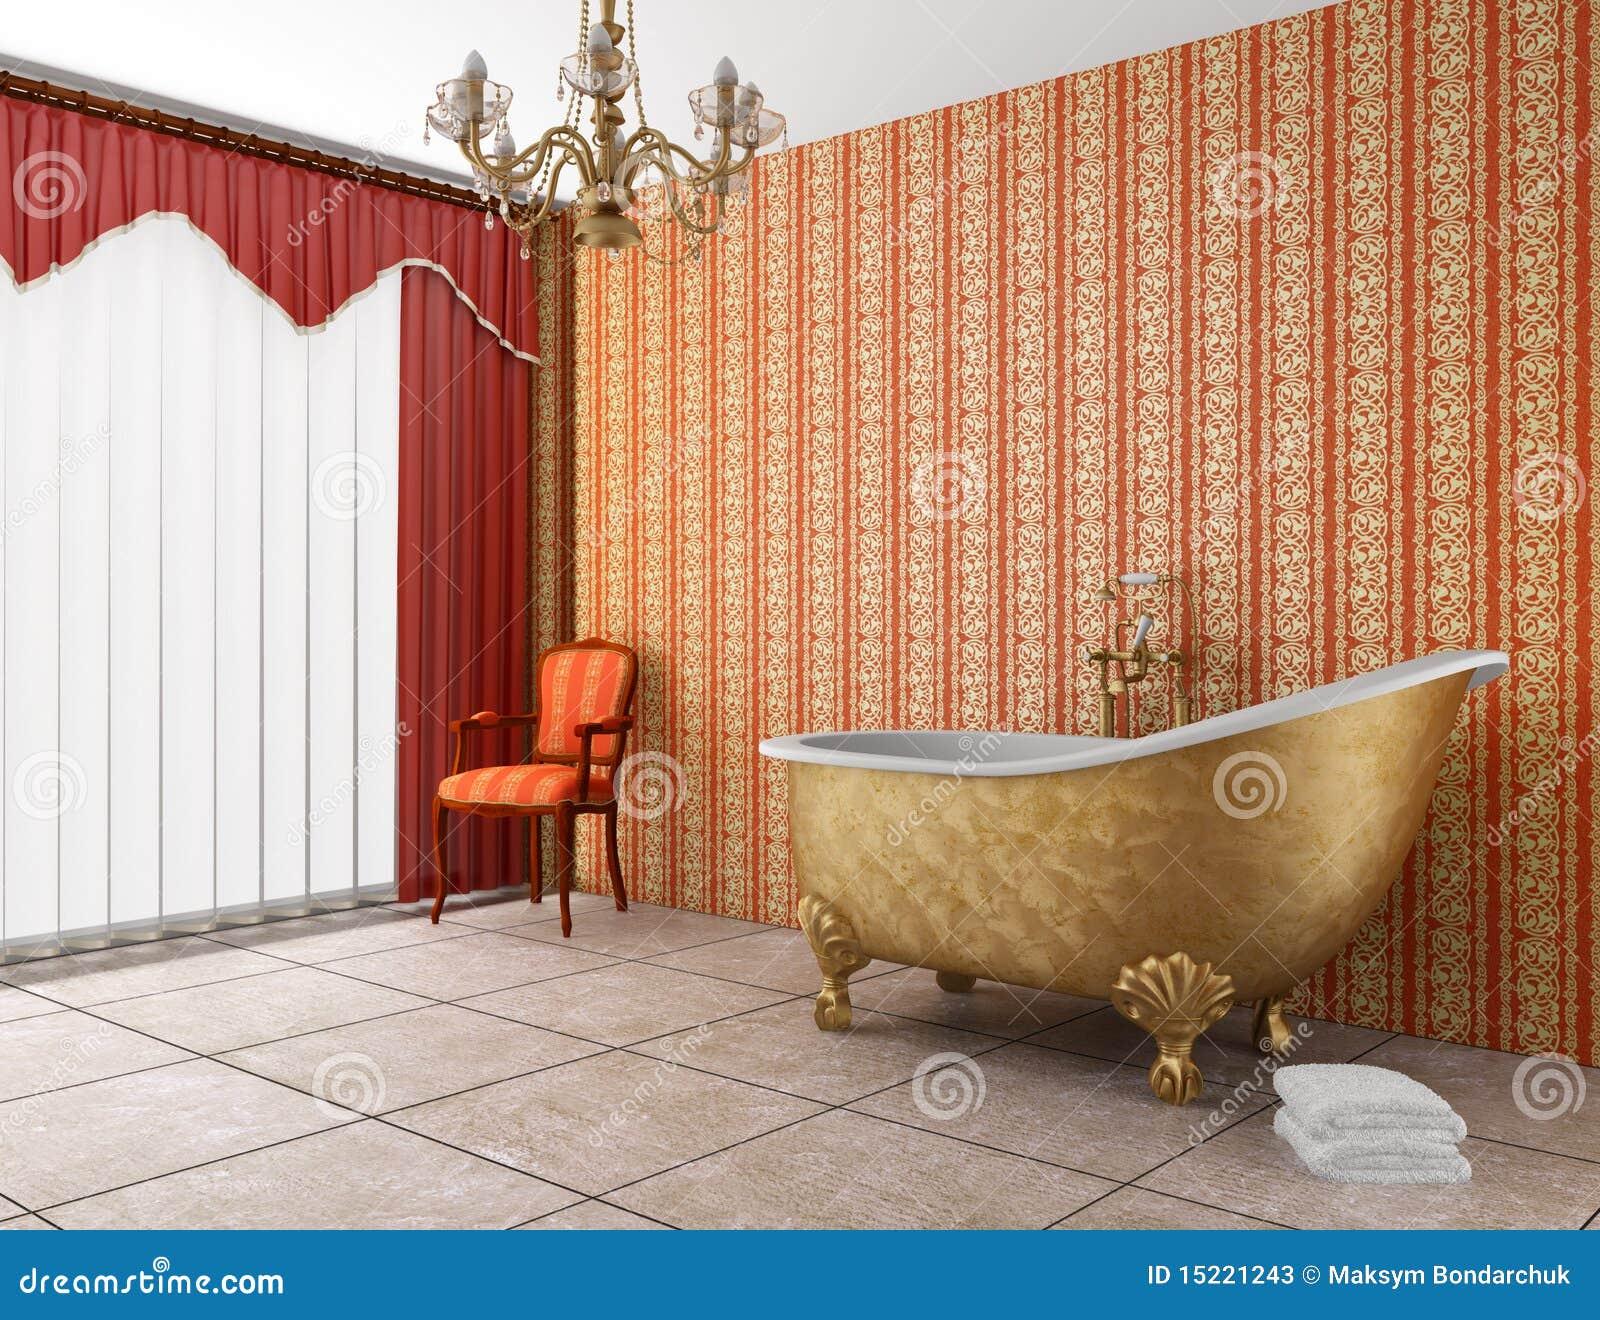 salle de bains classique avec la vieille baignoire photos stock image 15221243. Black Bedroom Furniture Sets. Home Design Ideas